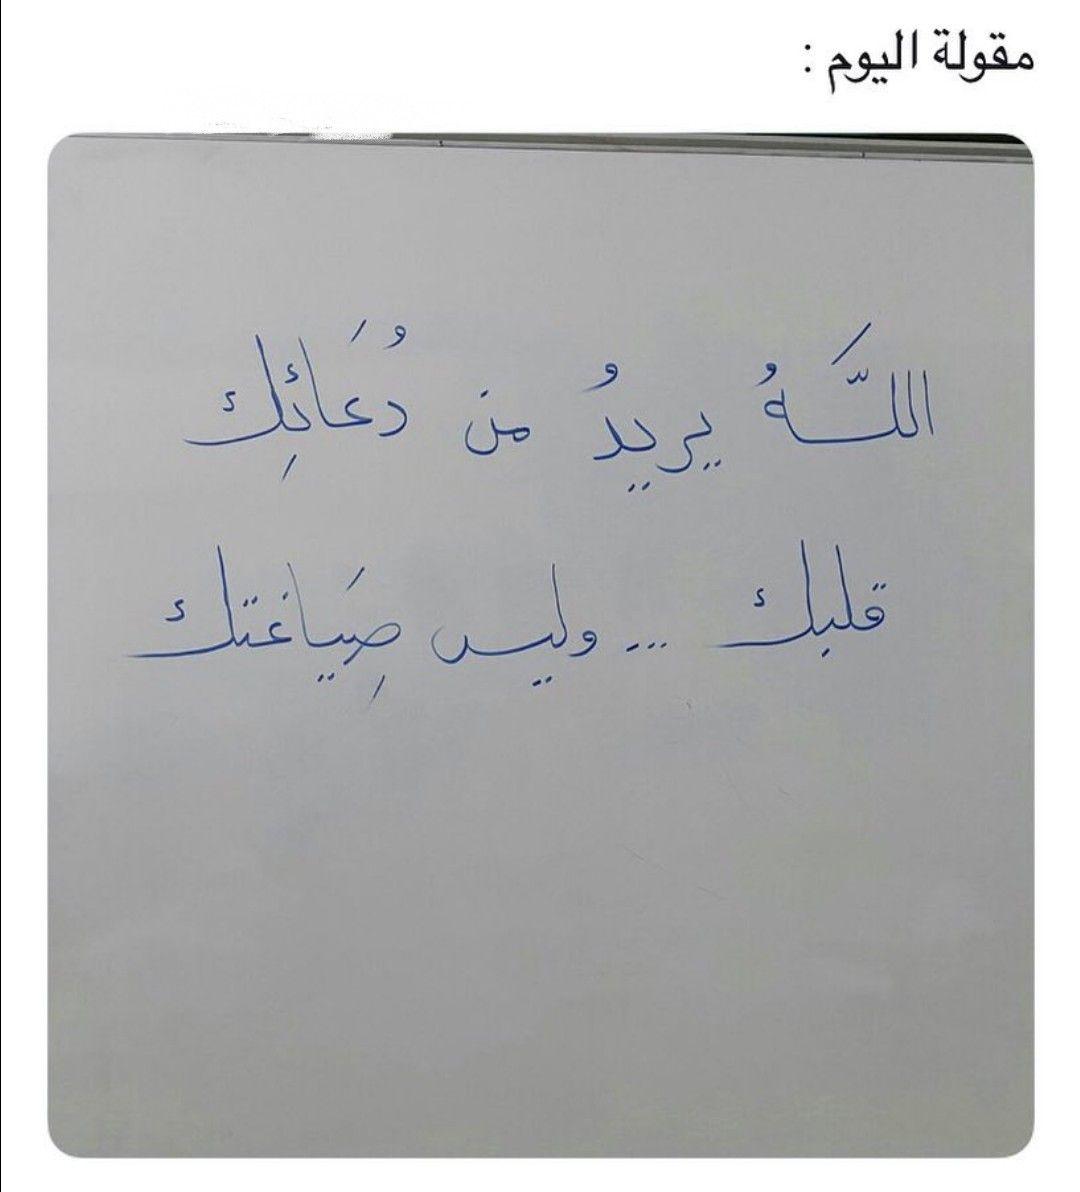 مقوله اليوم الله يريد من دعائك قلبلك وليس صياغتك Cool Words Beautiful Quotes Quotations